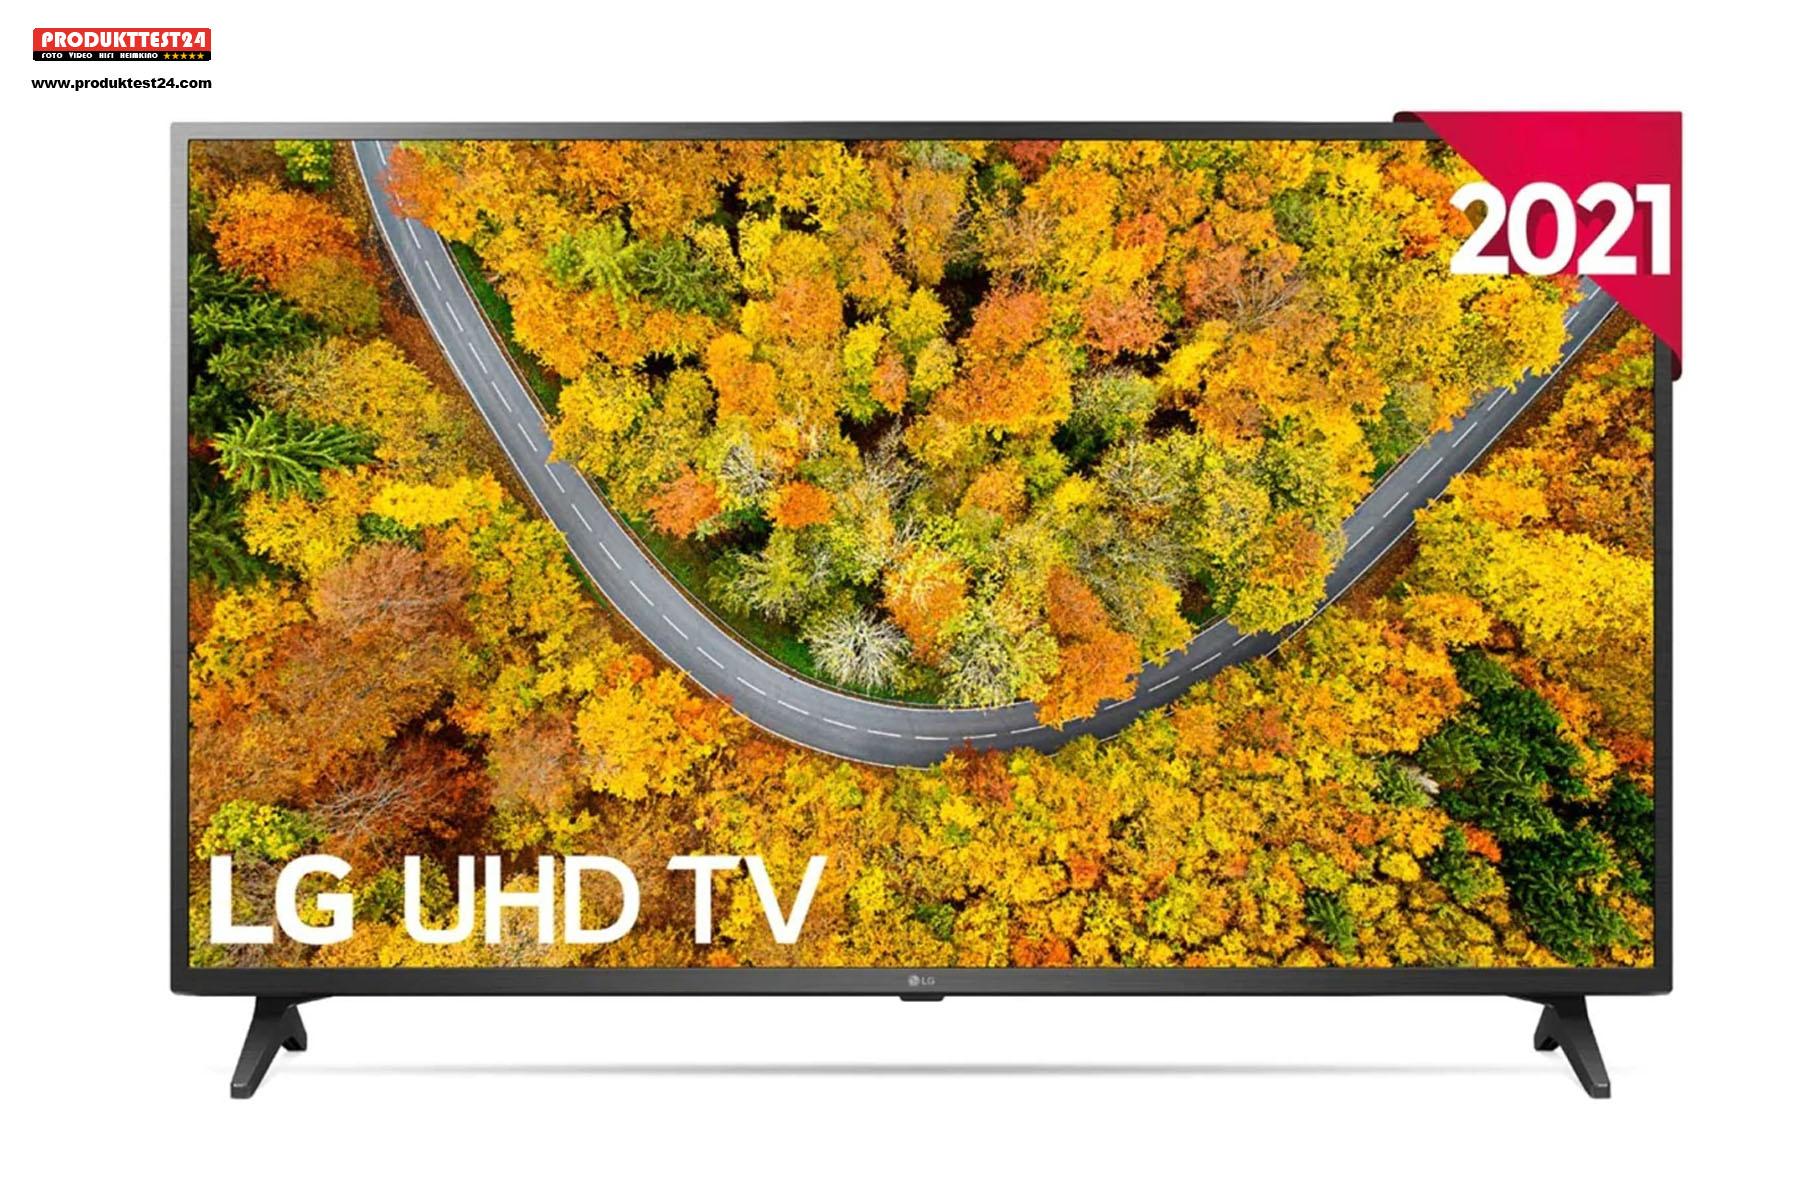 50 Hertz IPS-Panel und Direct LED-Hintergrundbeleuchtung